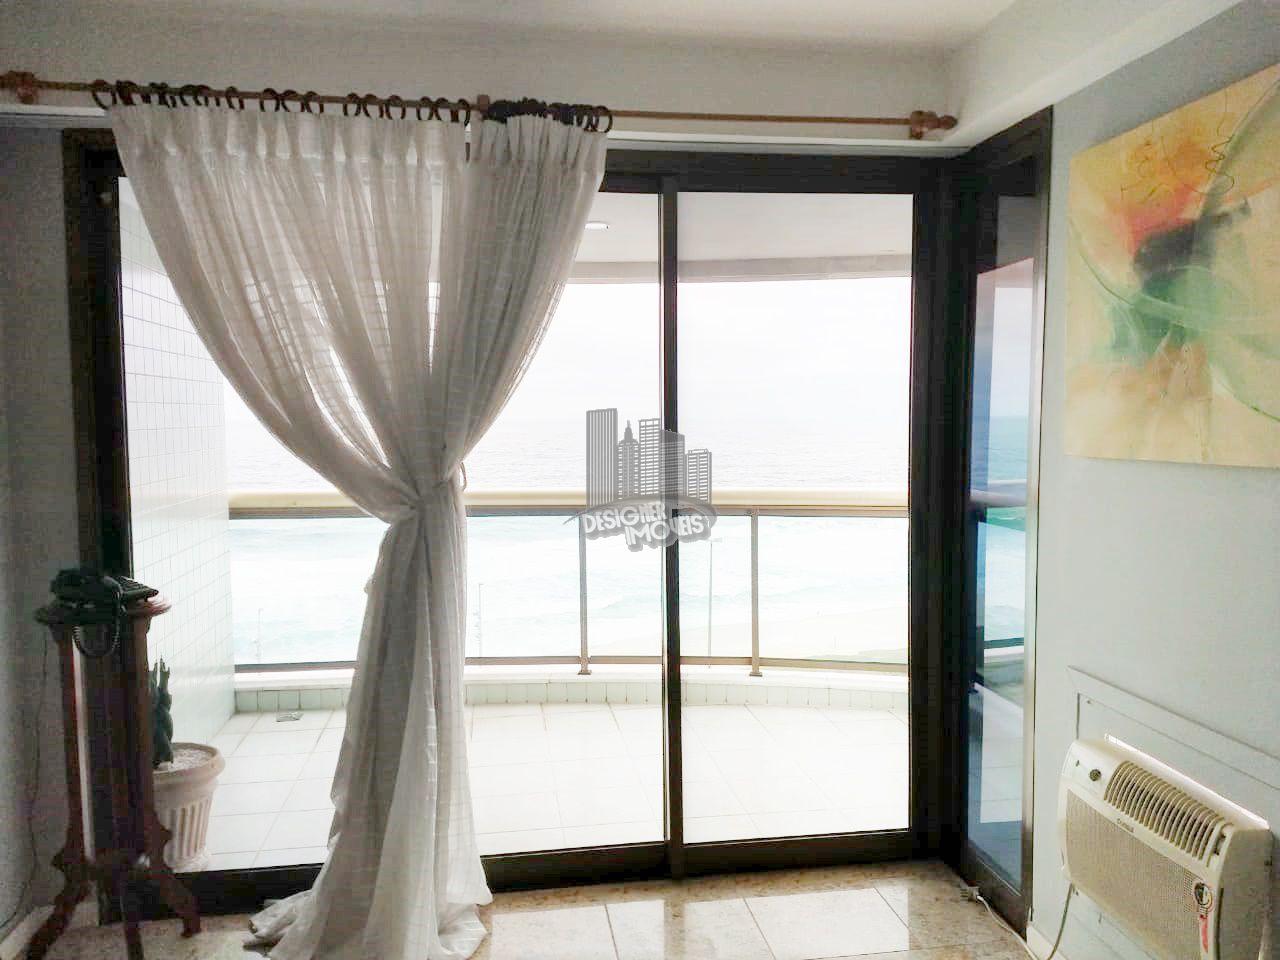 Flat Condomínio Barra Royal Plaza, Avenida Lucio Costa,Rio de Janeiro, Zona Oeste,Barra da Tijuca, RJ Para Alugar, 1 Quarto, 50m² - FLAT0001 - 6